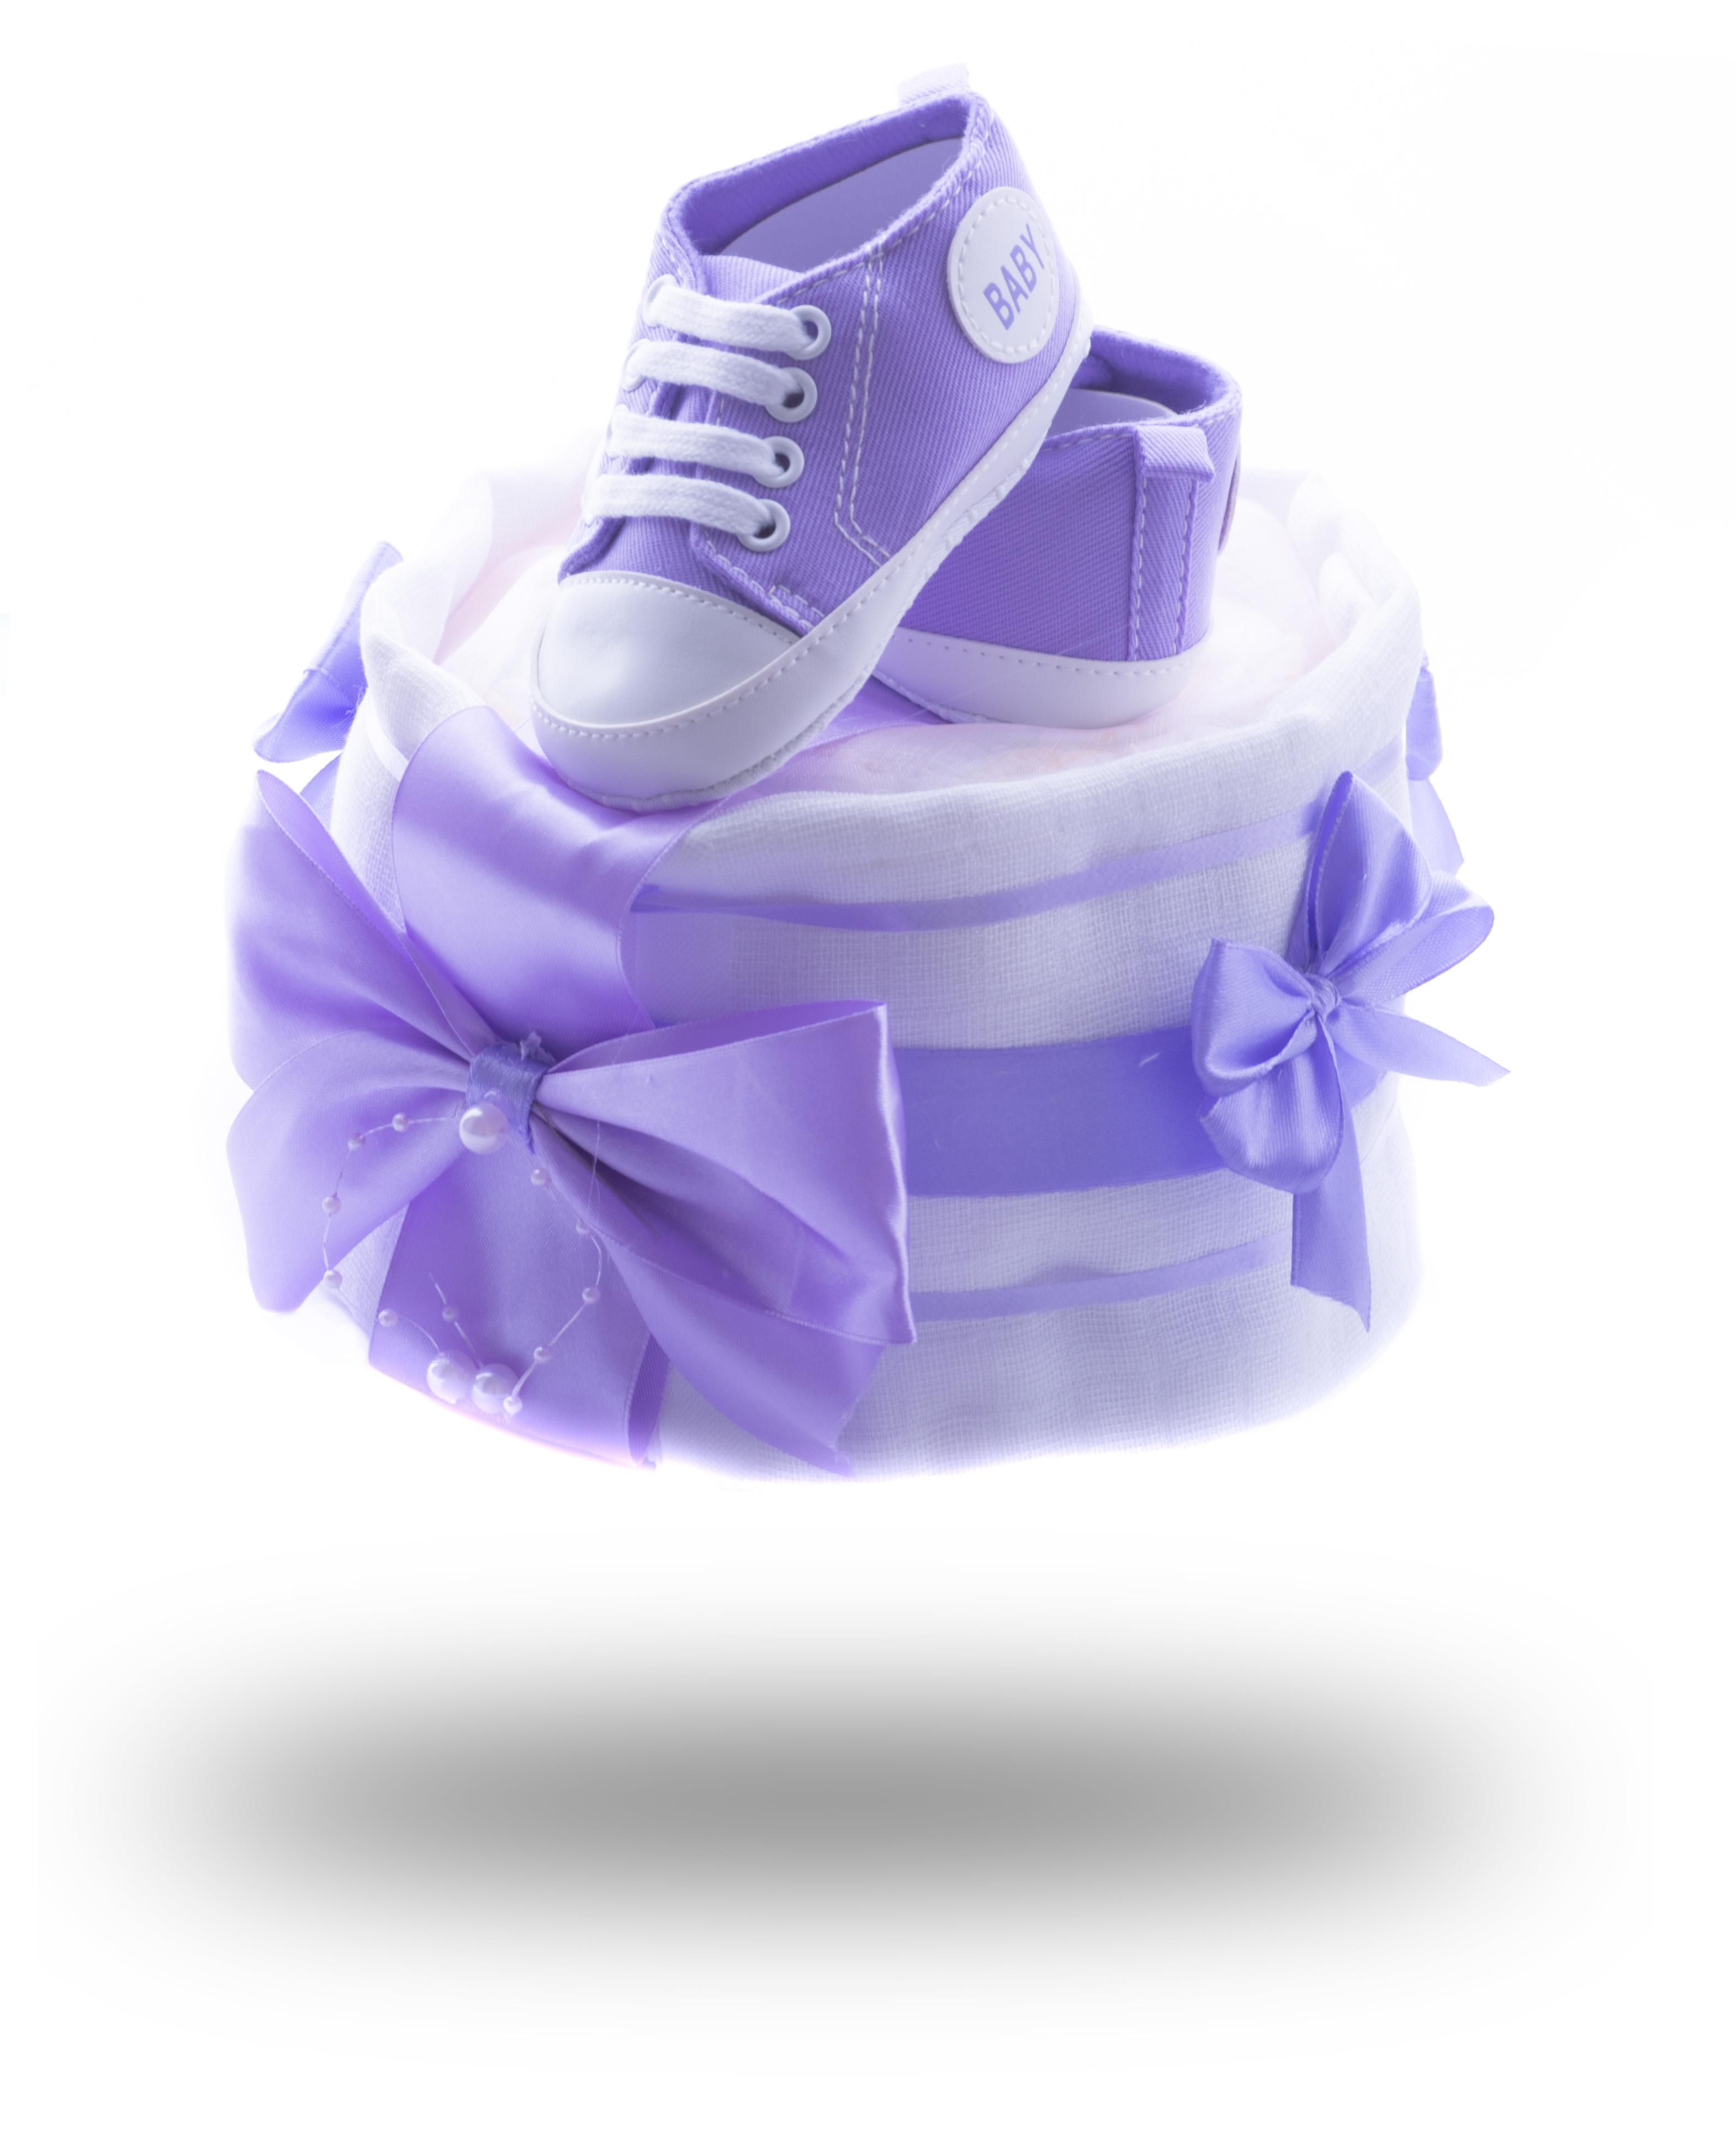 Jednopatrový plenkový dort mini pro princezny